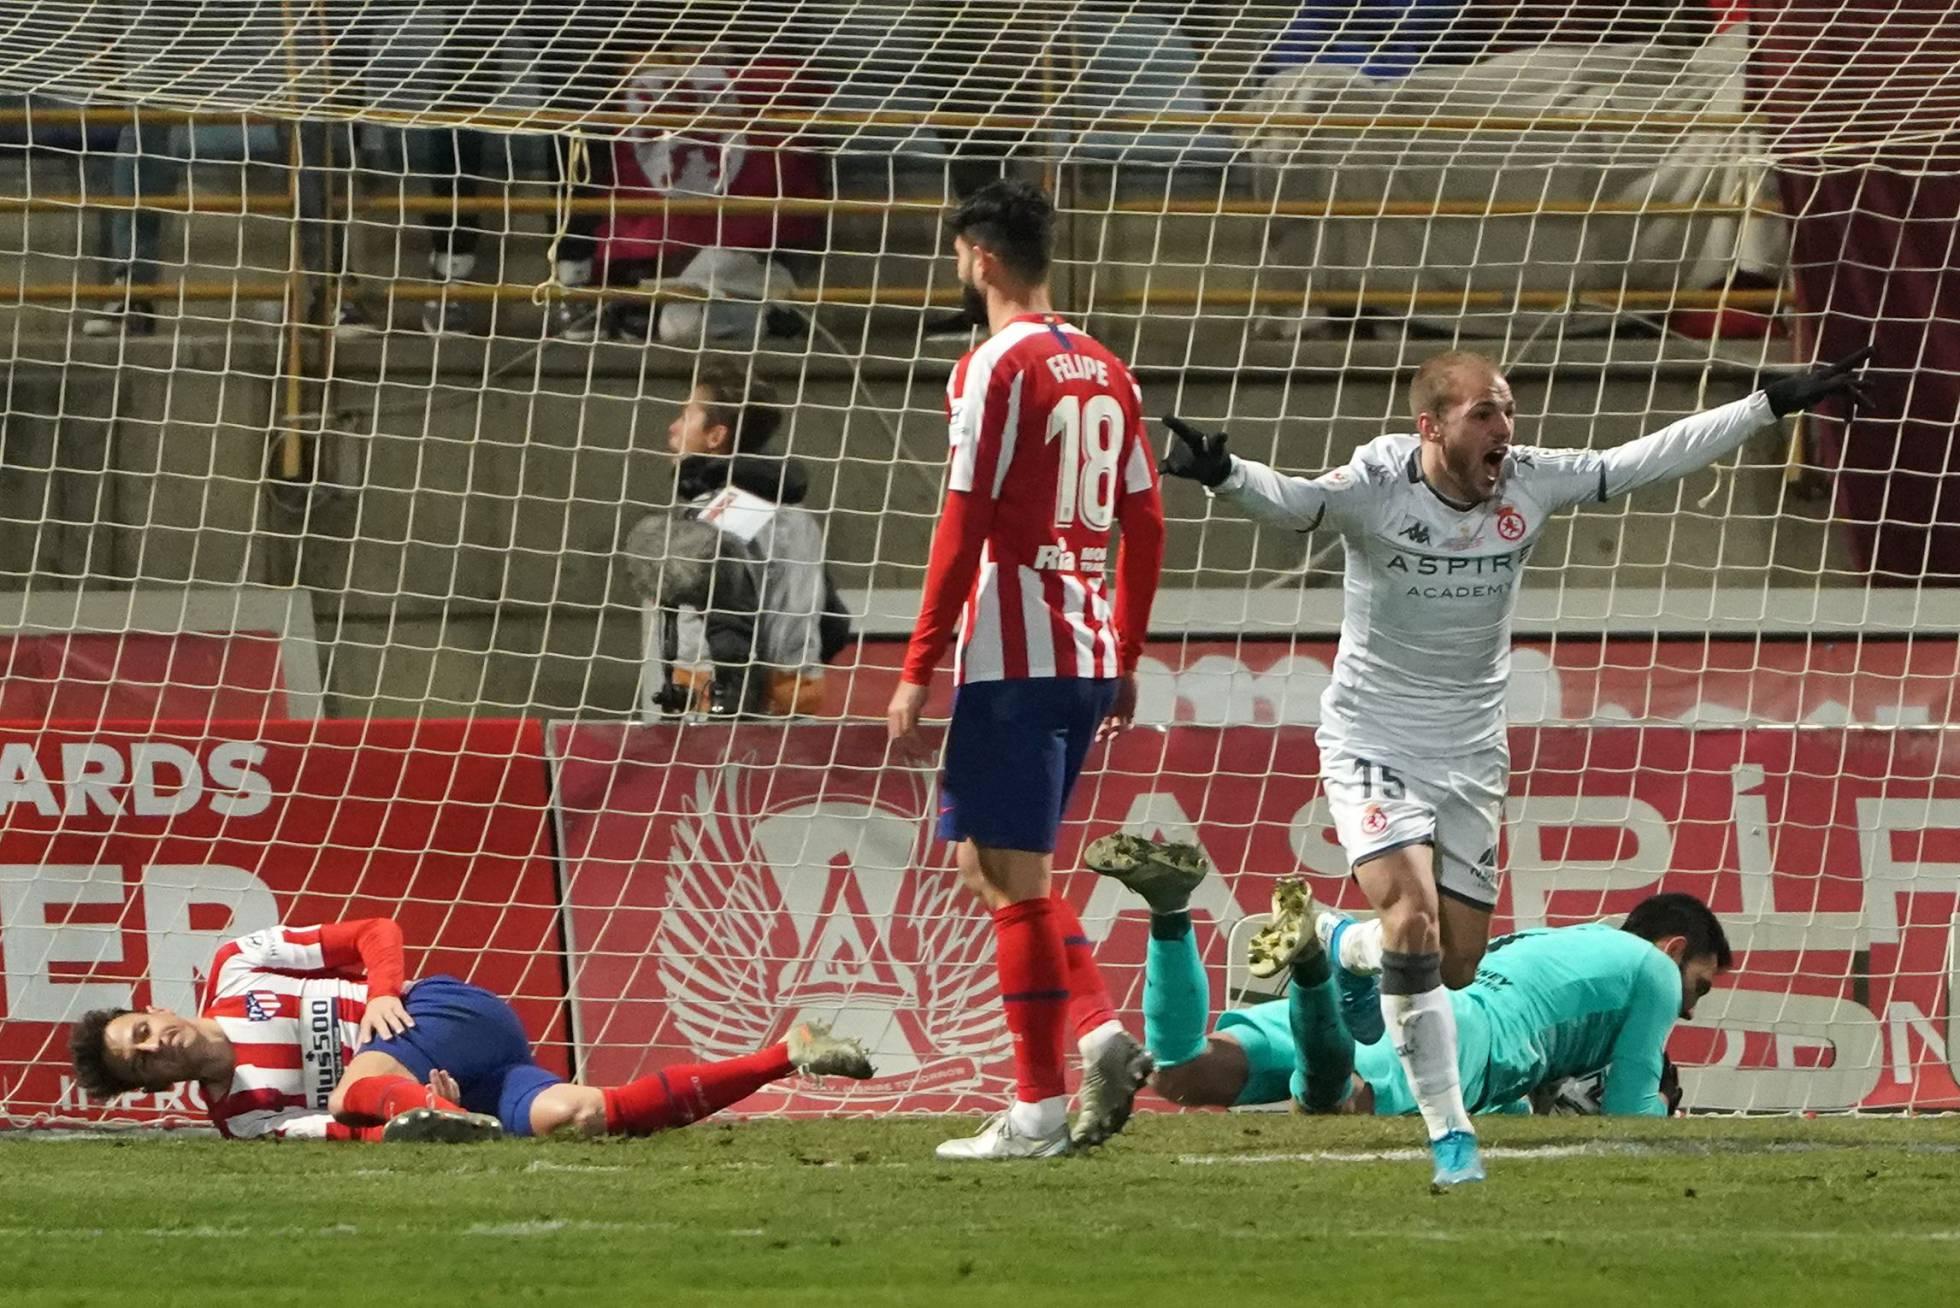 ¡Papelón! Equipo de tercera división eliminó al Atlético de Madrid de la Copa del Rey.